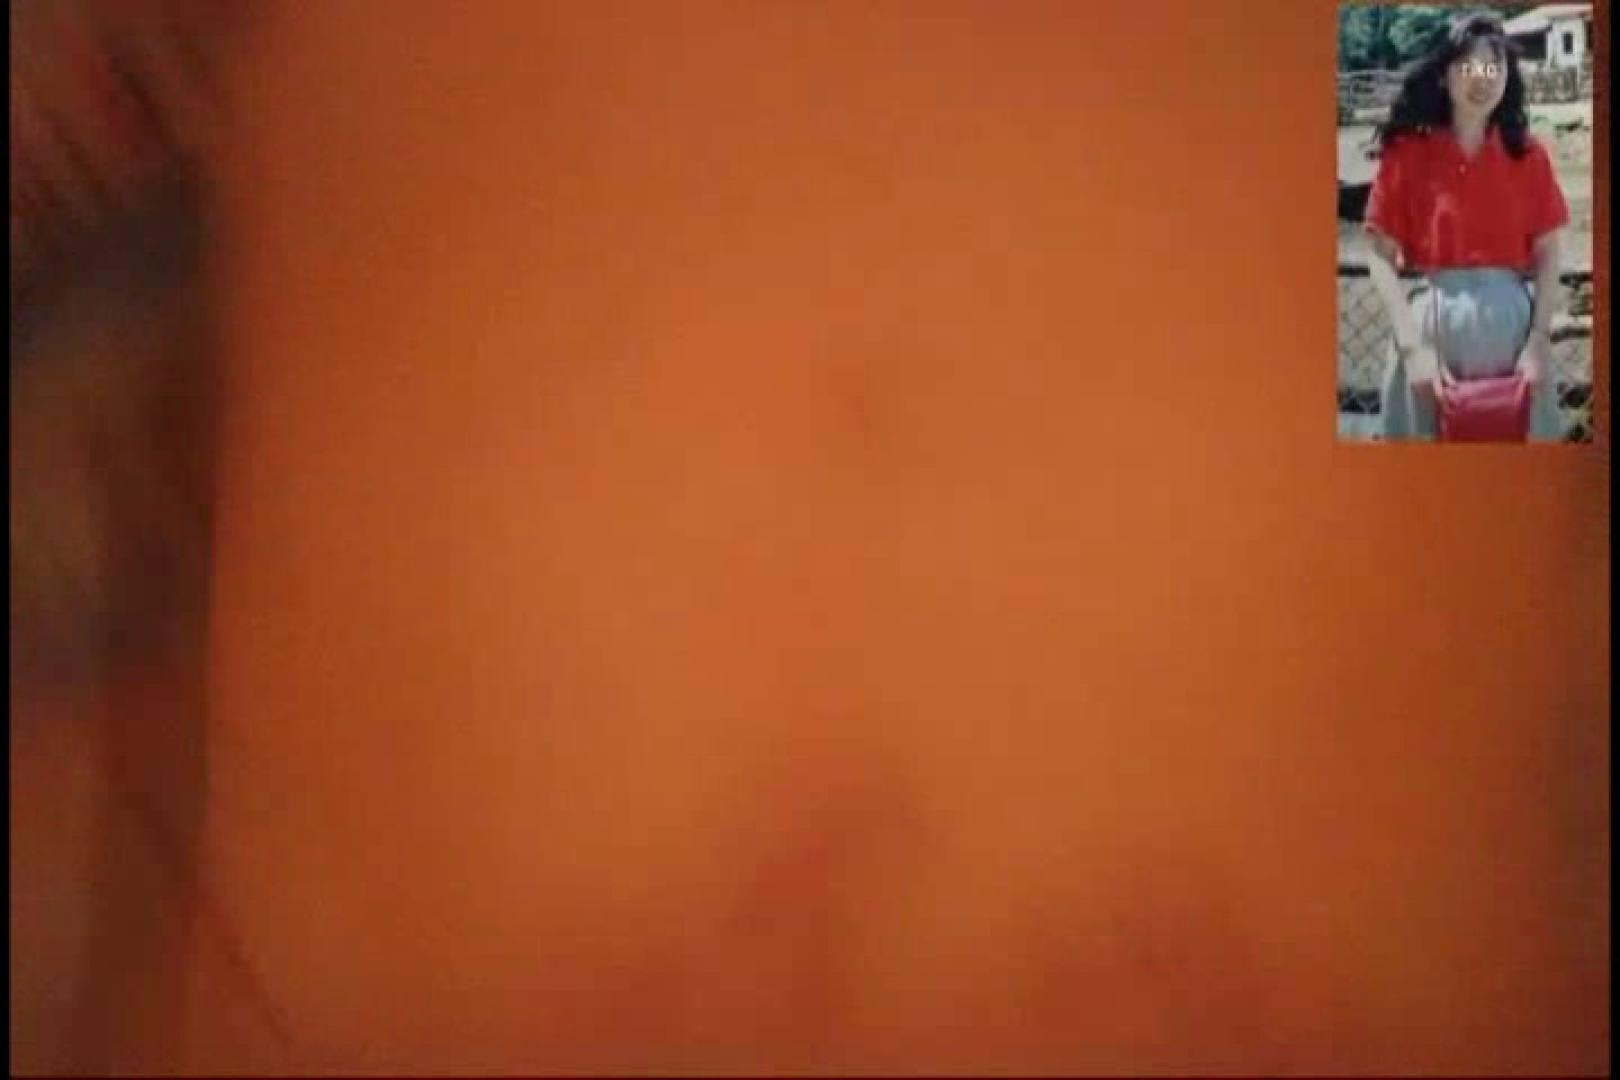 続・某掲示板に投稿された素人女性たちvol.13 Rさん 素人丸裸 | マンコ・ムレムレ  72pic 65